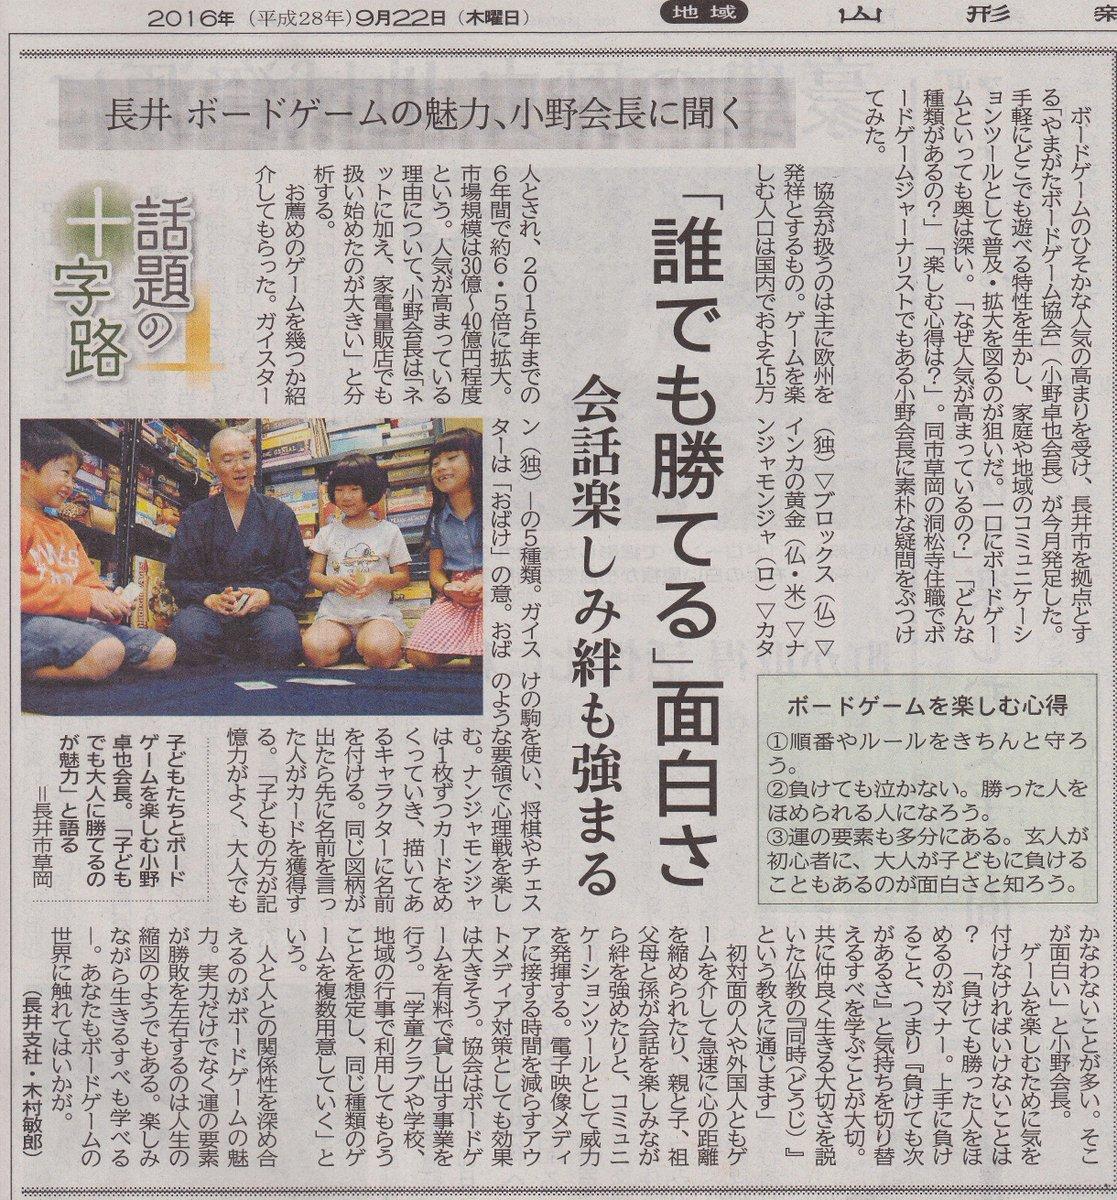 ボードゲームの魅力について、山形新聞に掲載されました。 https://t.co/P4BkbDCB5N